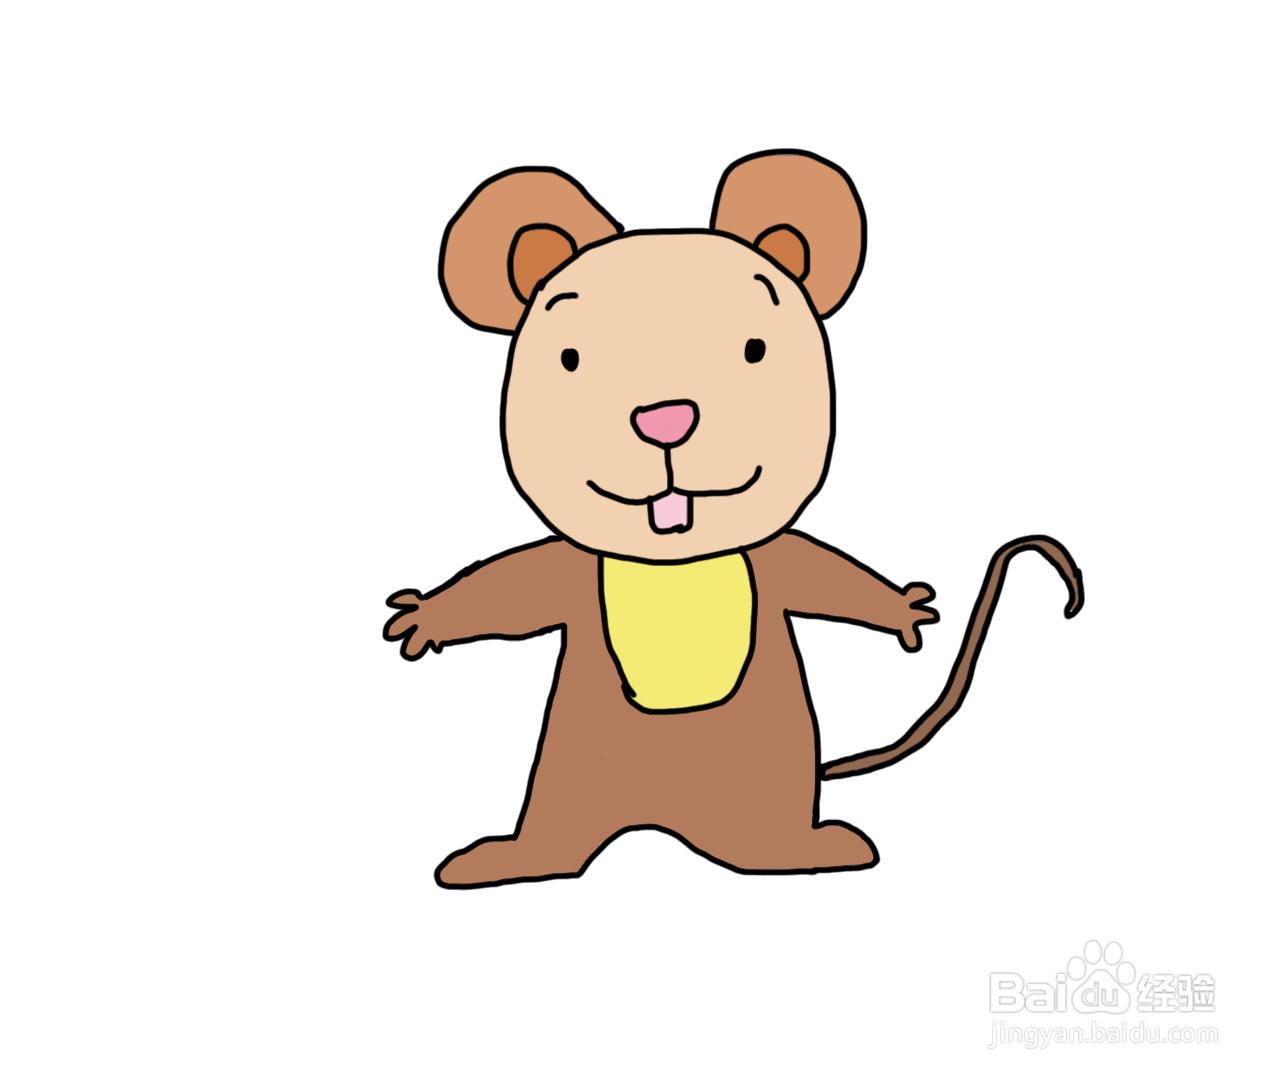 怎么画儿童彩色简笔画卡通动物老鼠?